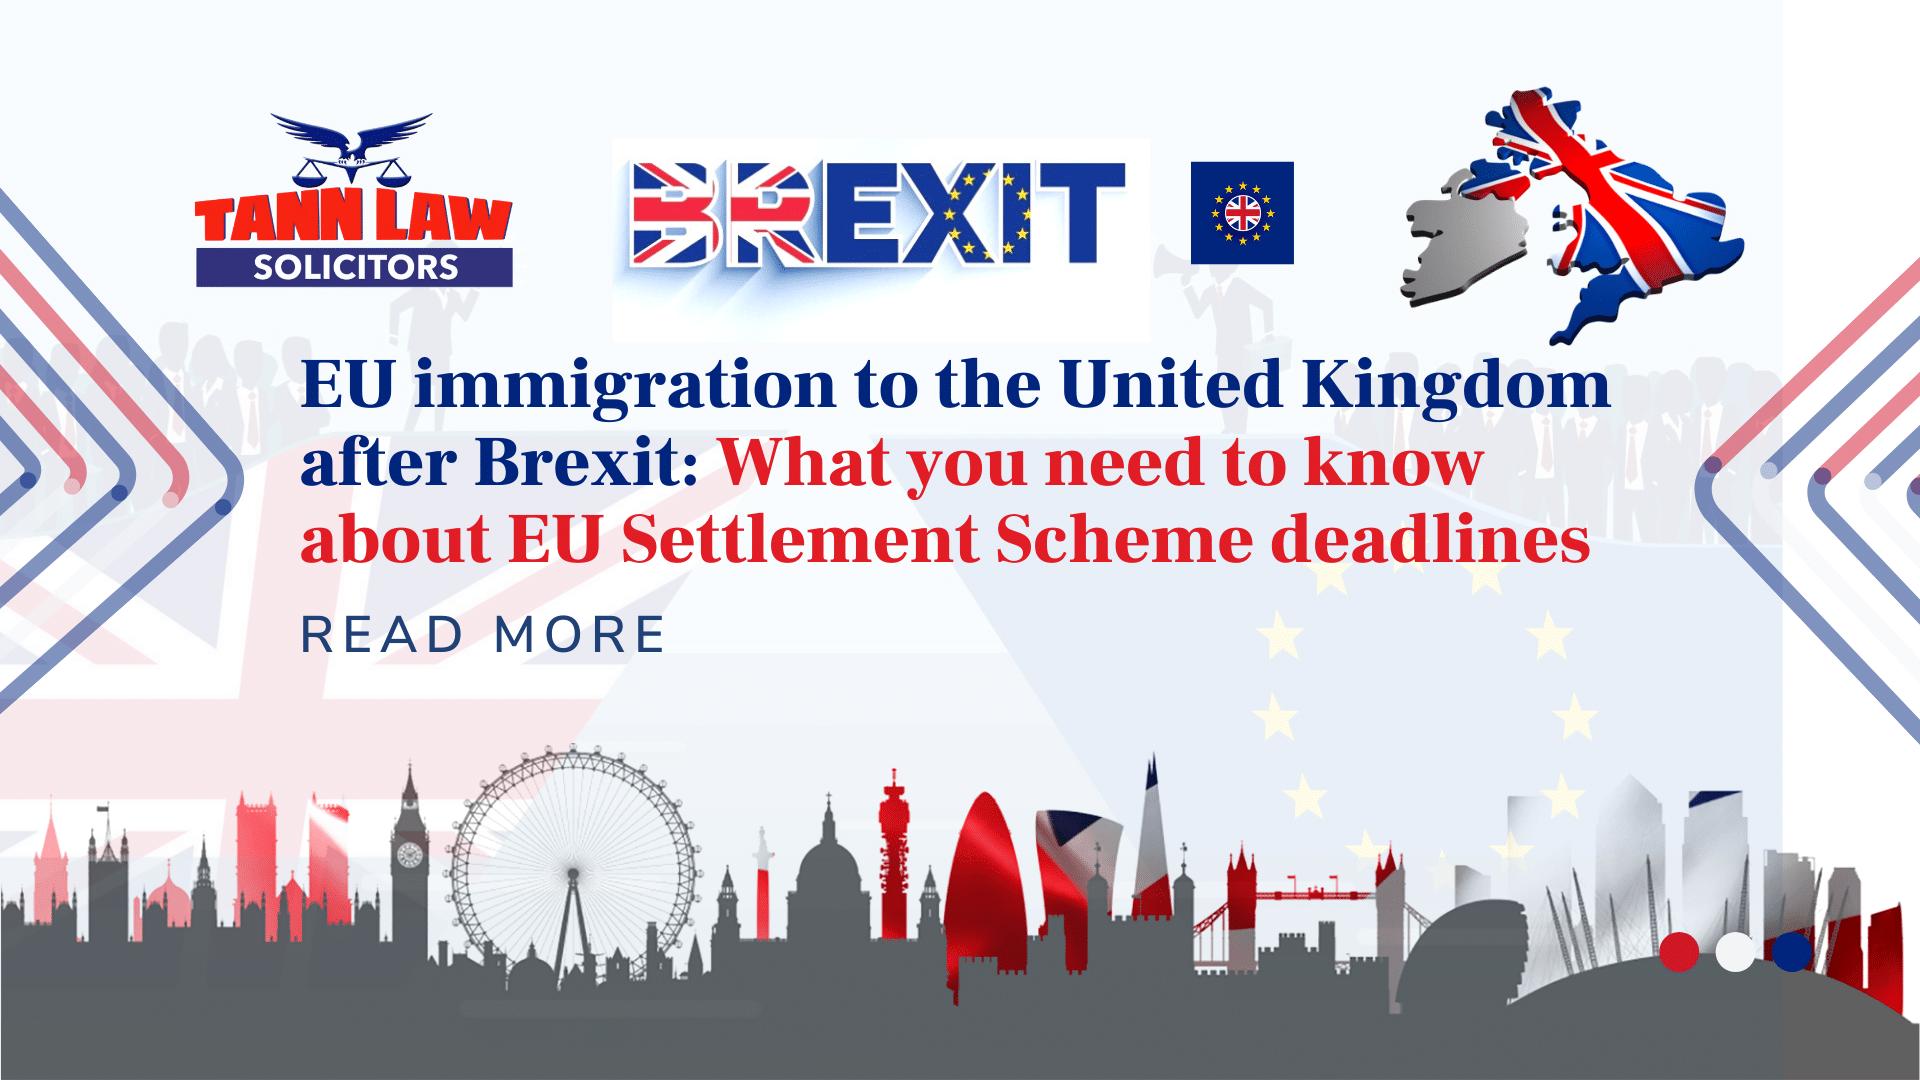 Brexit EU Settlement Scheme Deadlines EU Immigration Solicitors EEA Immigration Solicitors European Union's Settlement Procedure